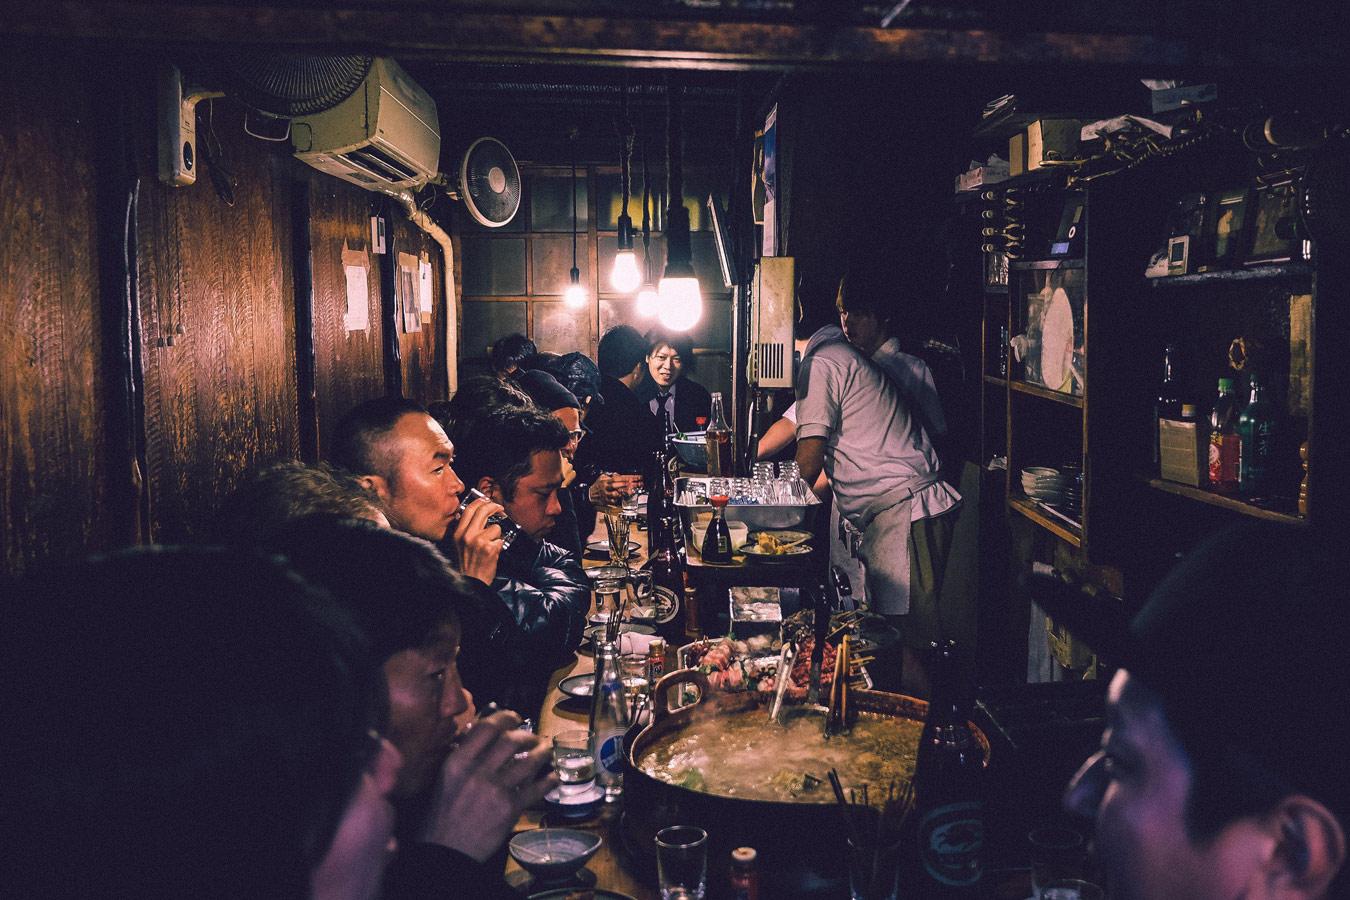 После работы в Японии, © Трунг Тин Нгуен, Люди, Фотоконкурс CEWE